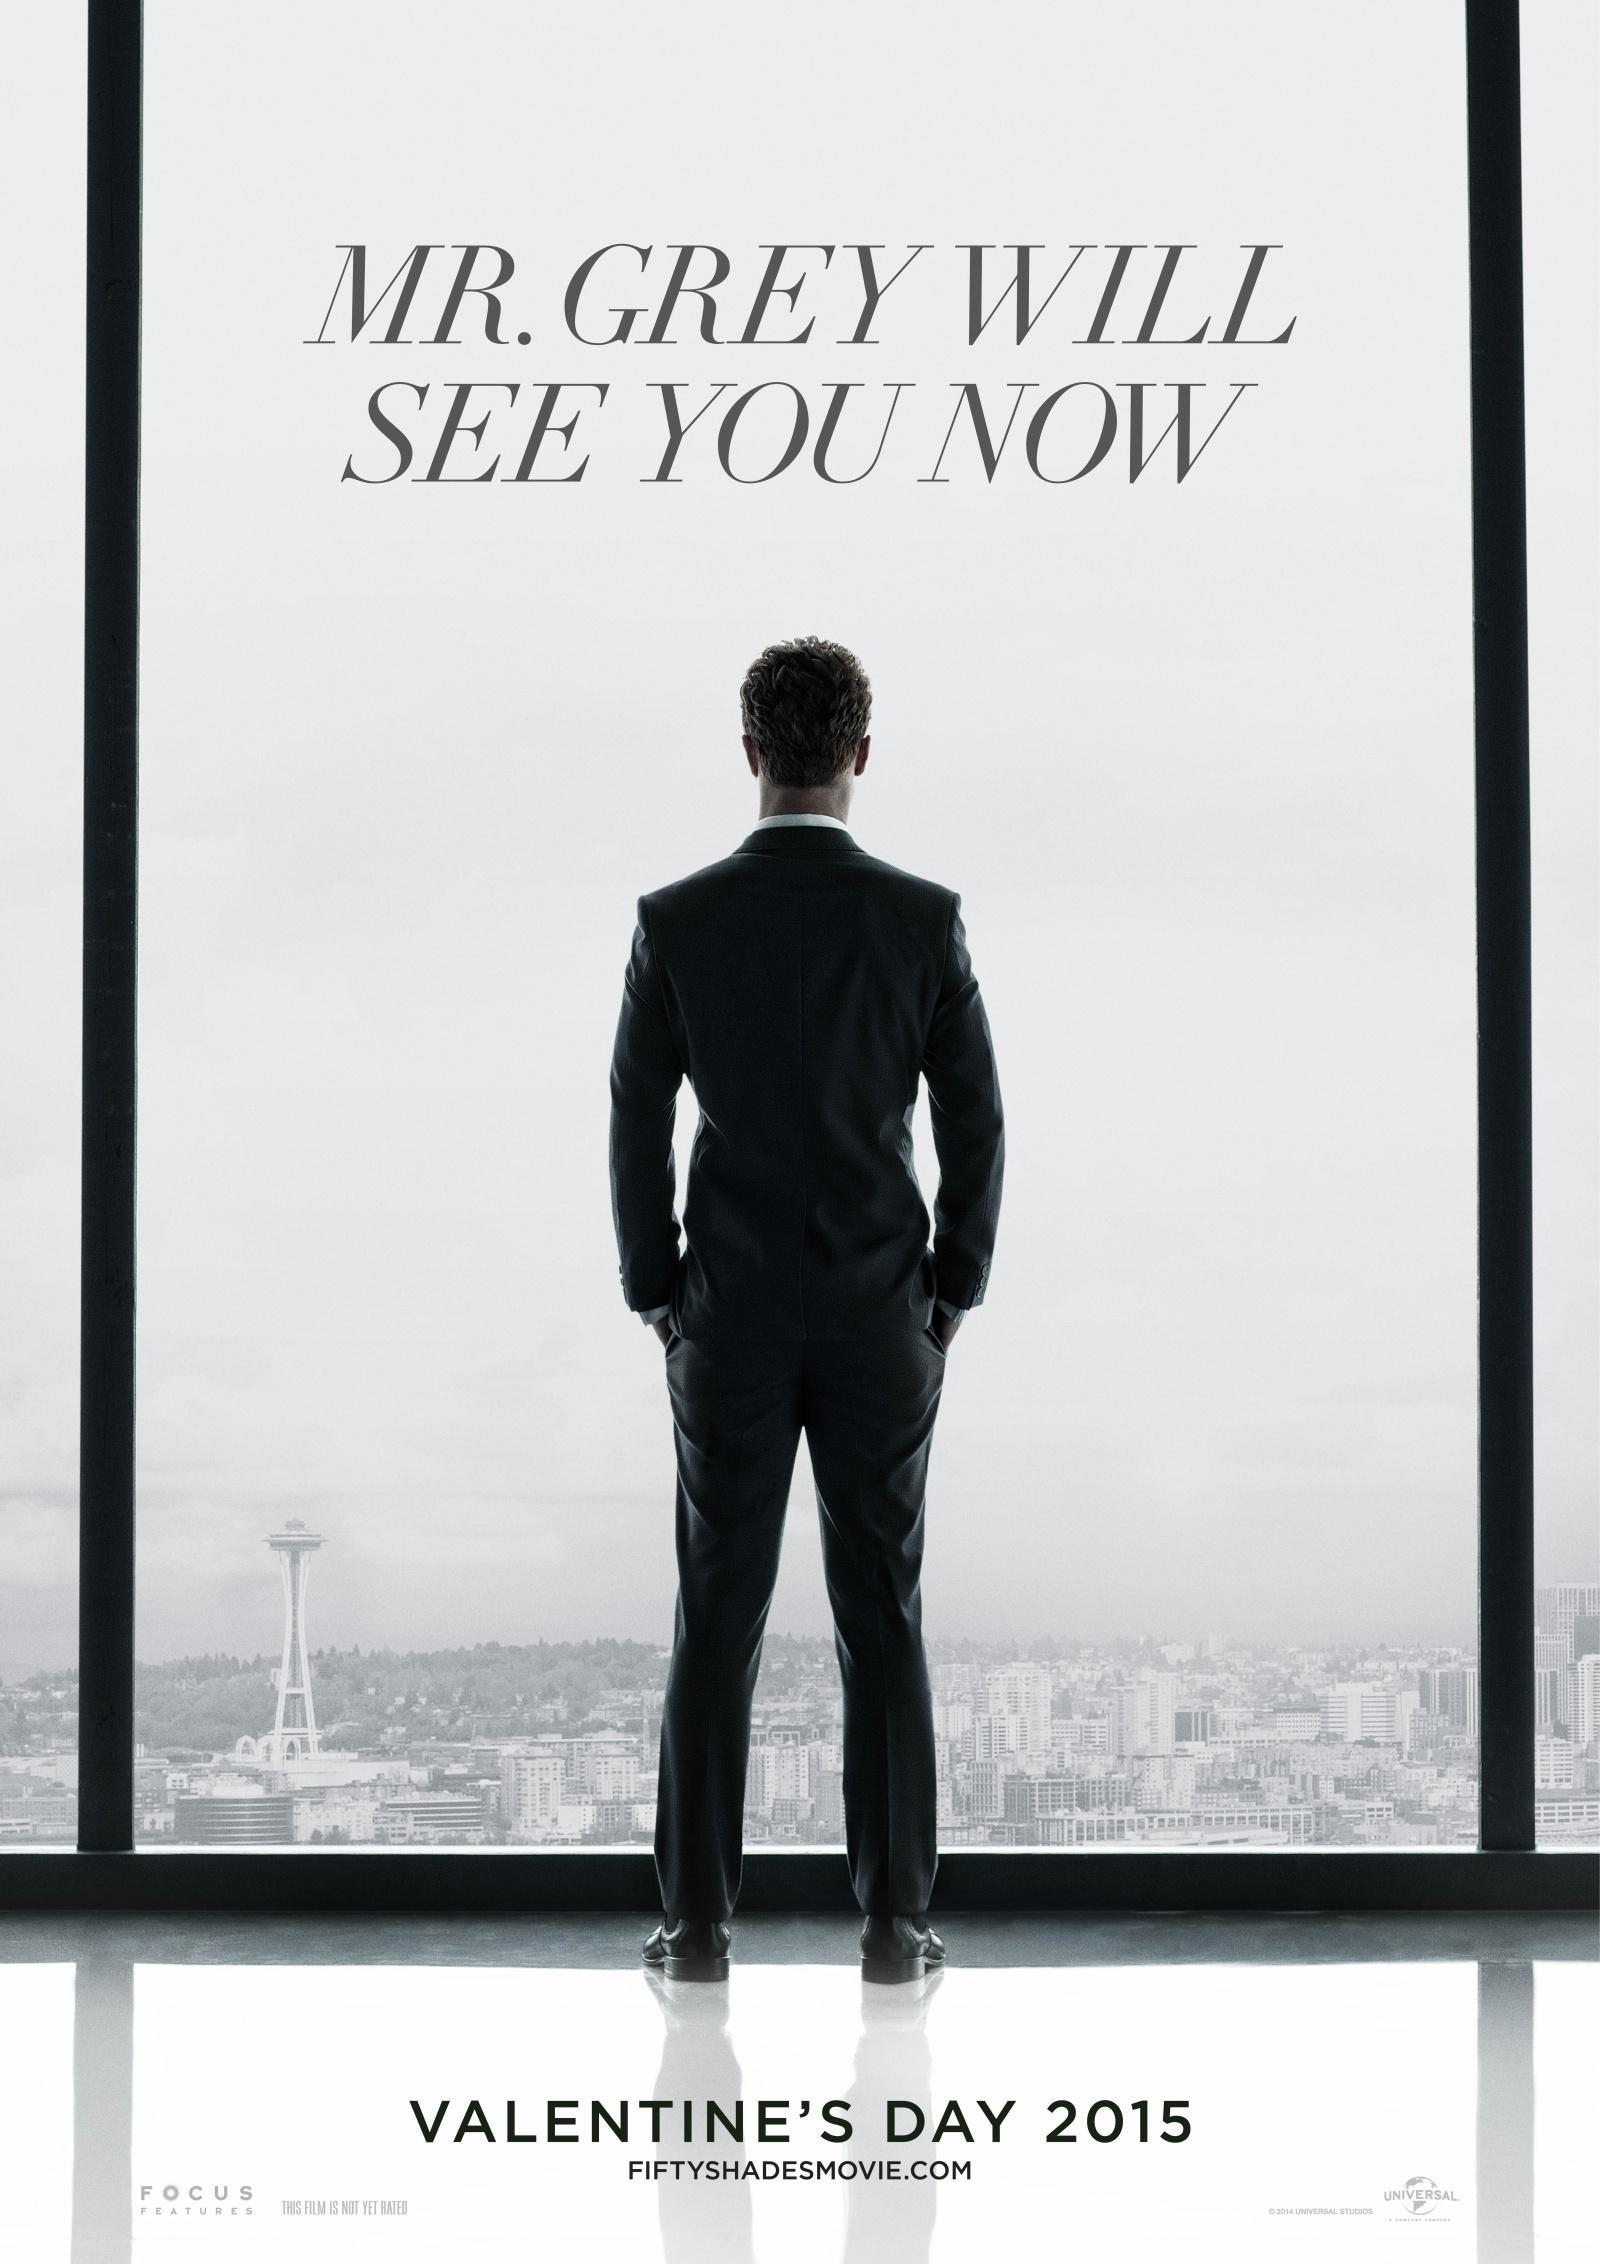 《五十度灰》(Fifty Shades of Grey)首发官方海报 男主高贵冷艳玩神秘